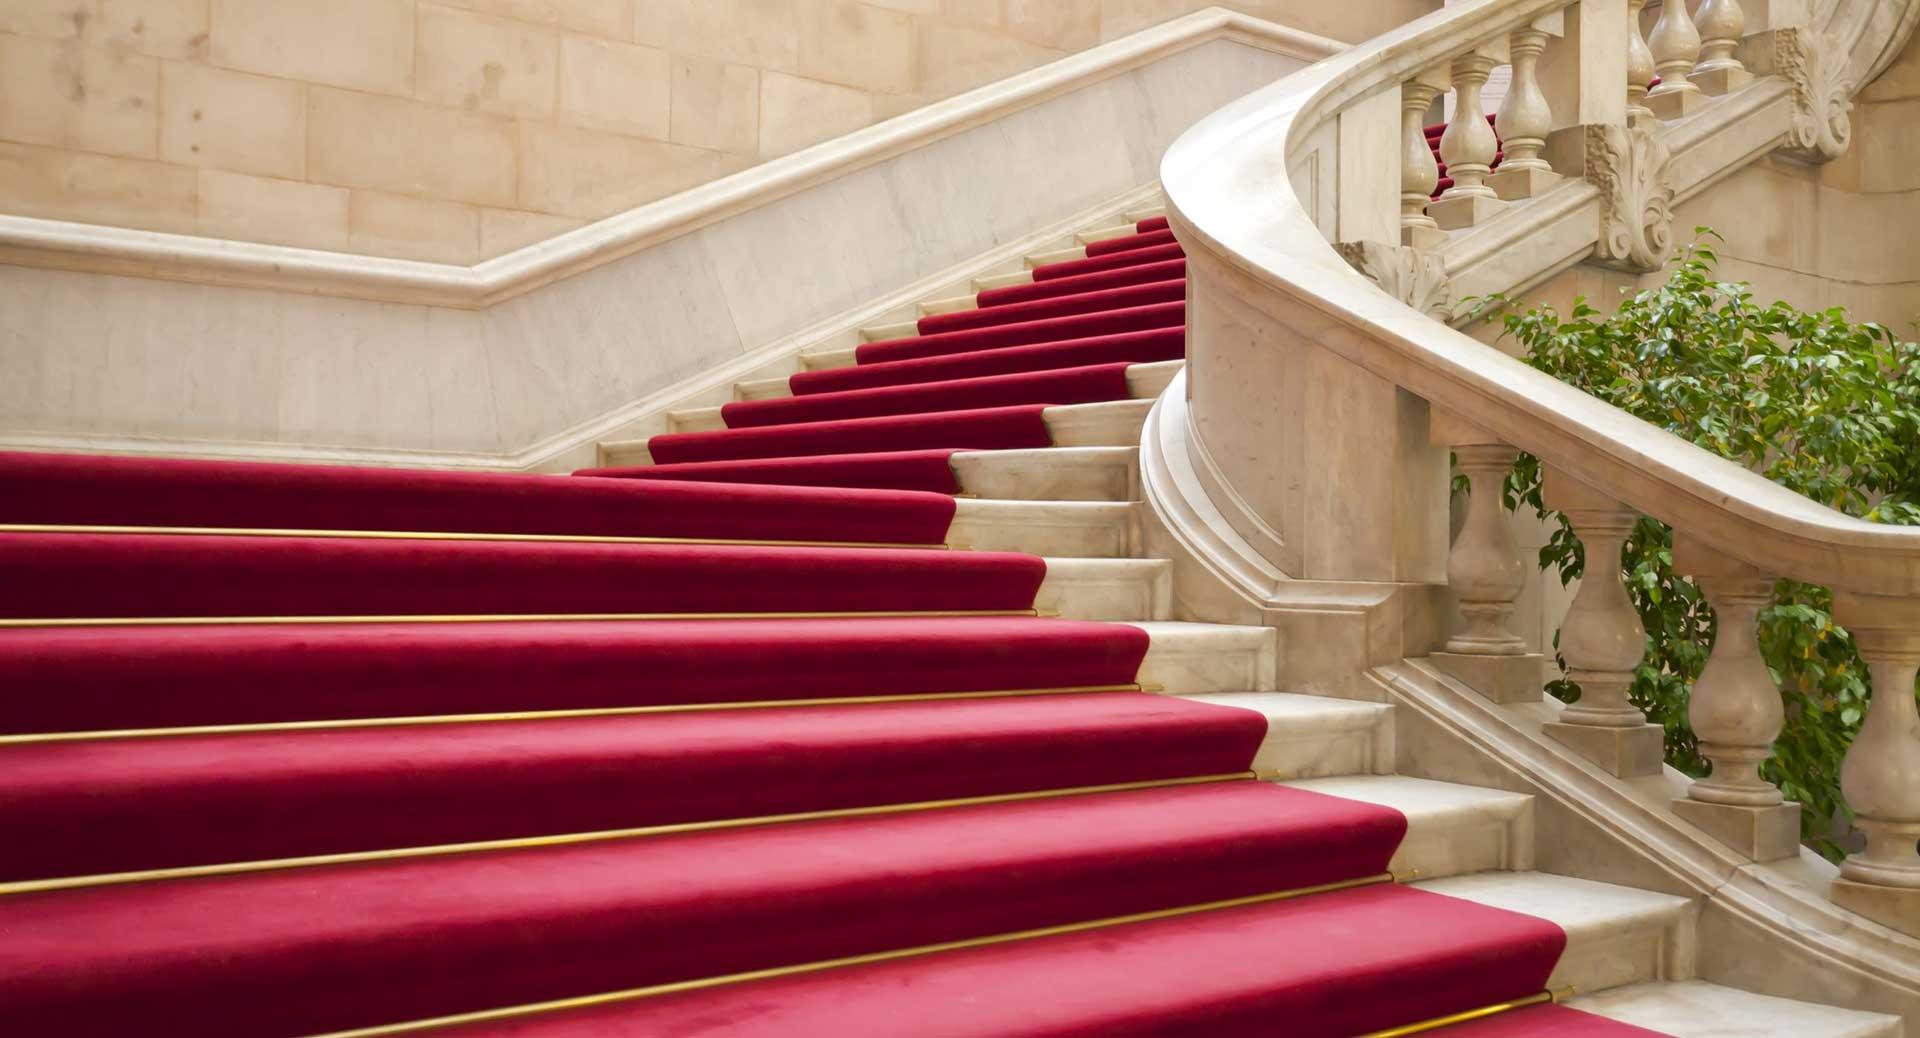 nettoyage-de-chemin-escalier